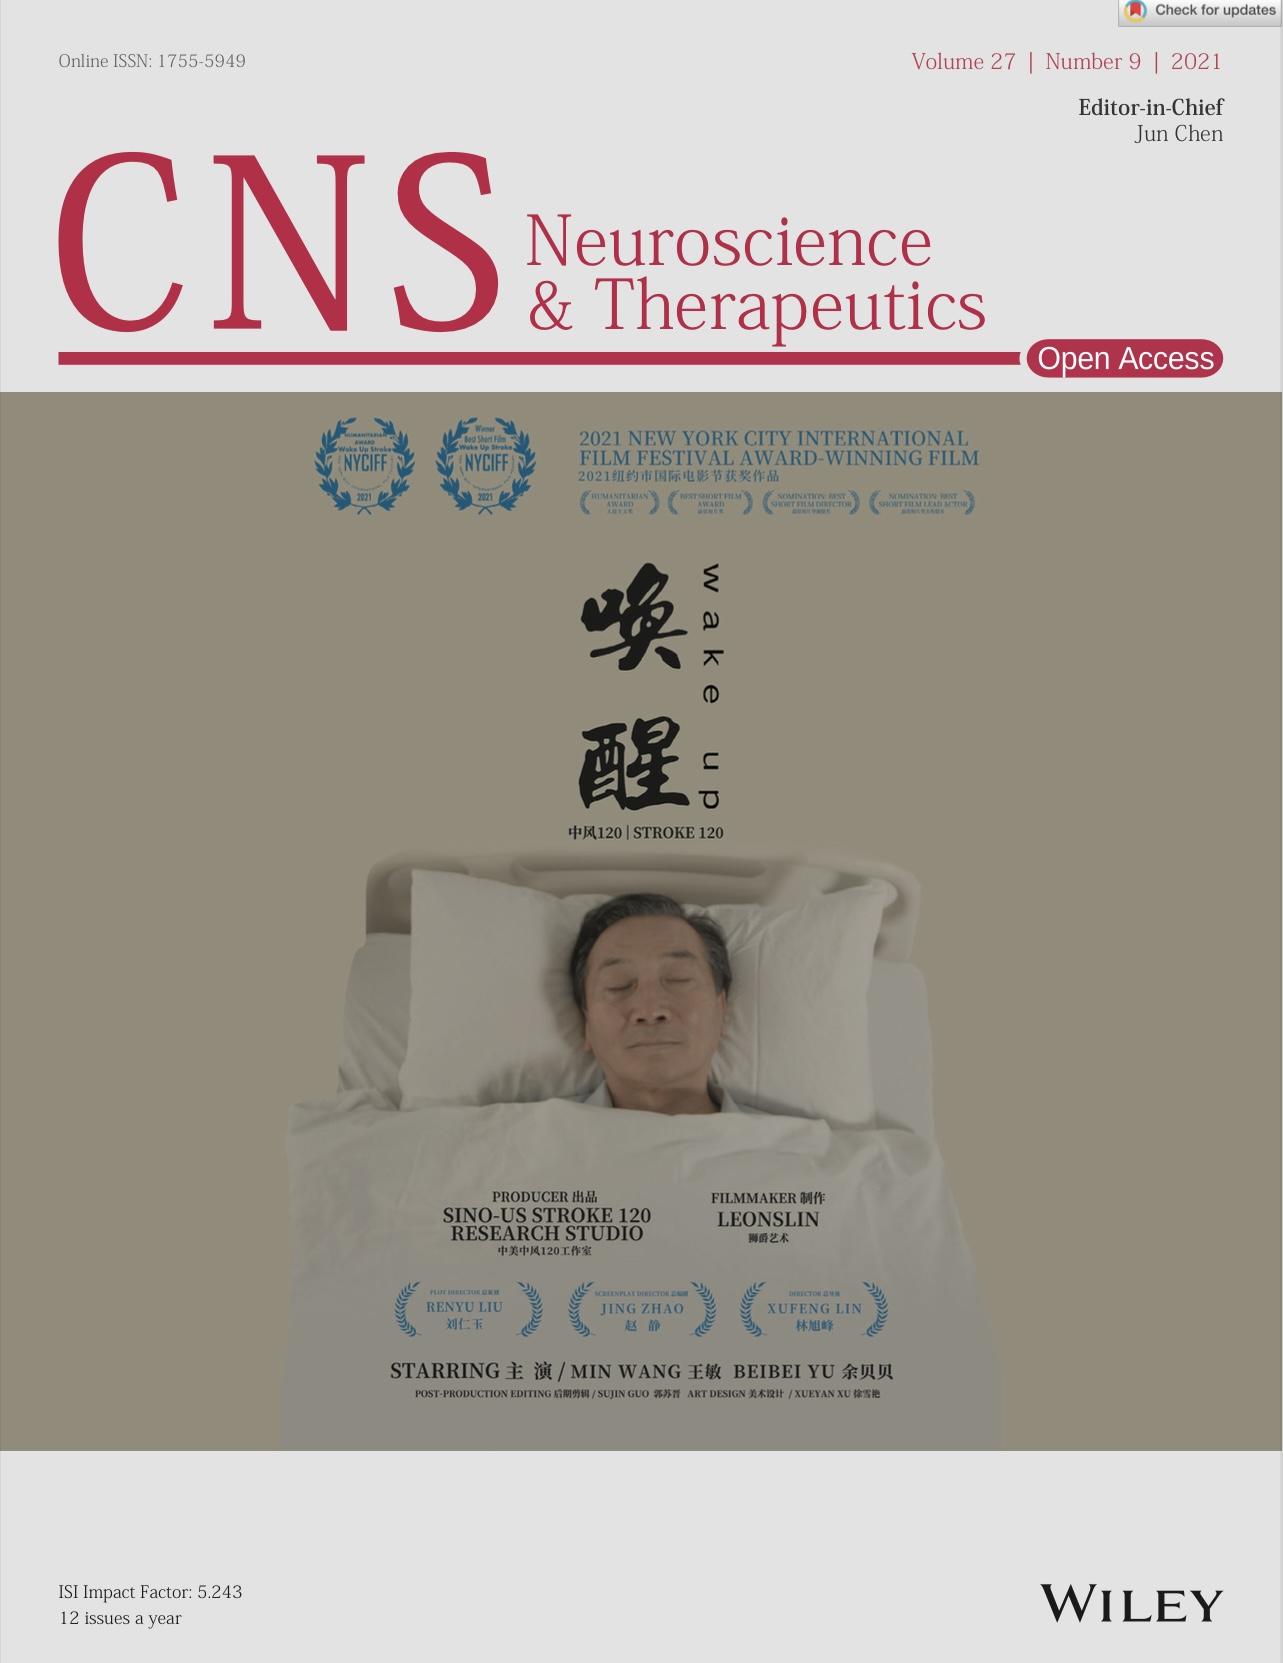 电影海报选为医学专业杂志封面啦